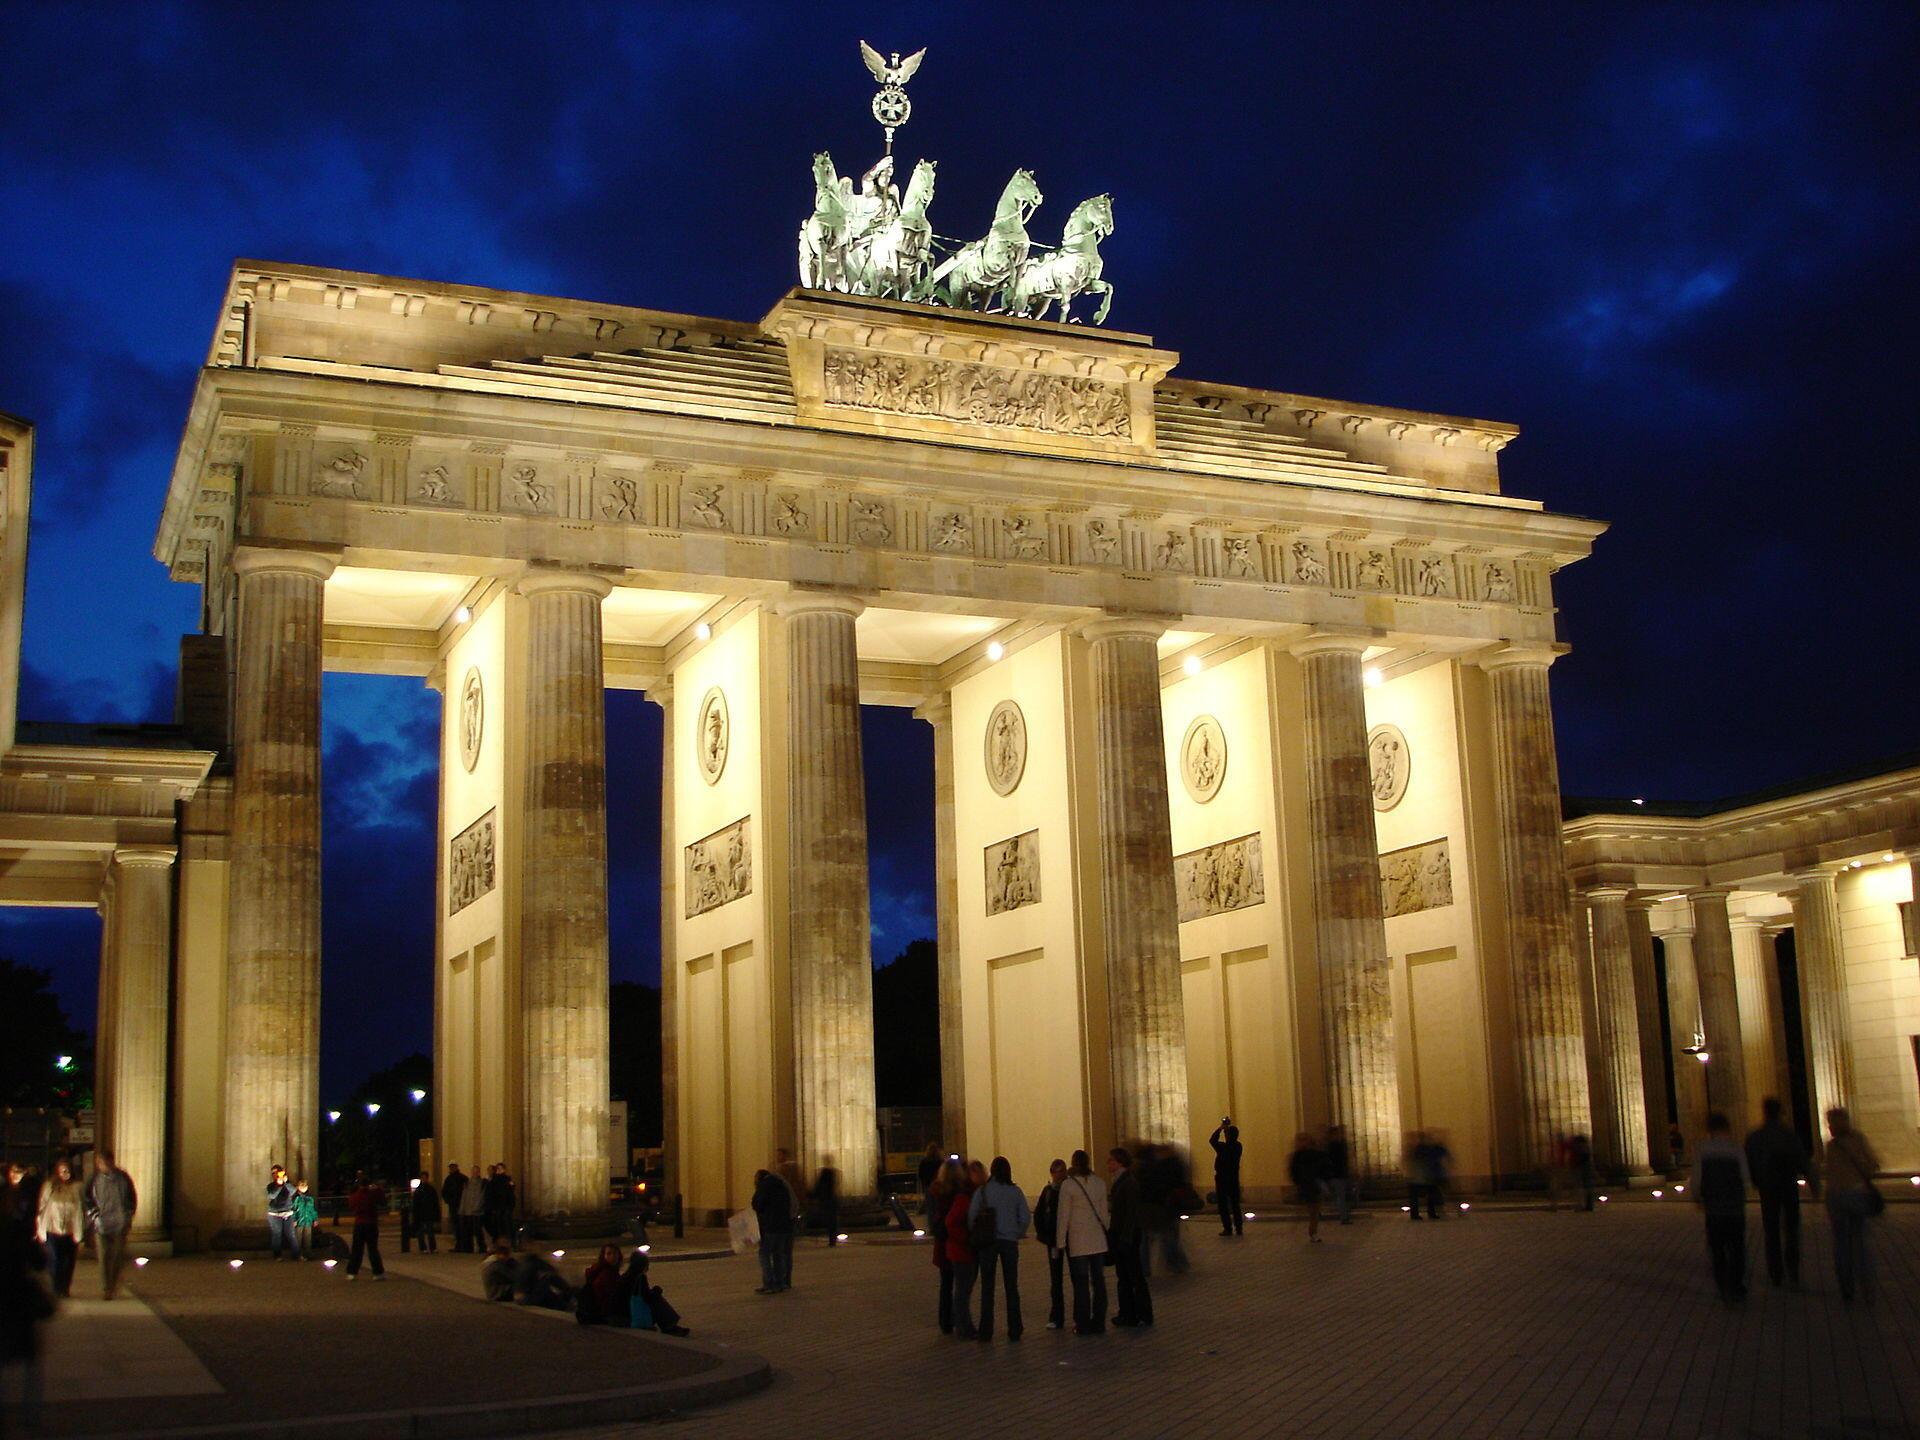 بیست و پنجم اوت مصادف است به بیست و هفتمین سالگرد امضای پیمان توسعه و بازسازی برلین به عنوان پایتخت مجدد آلمان است.